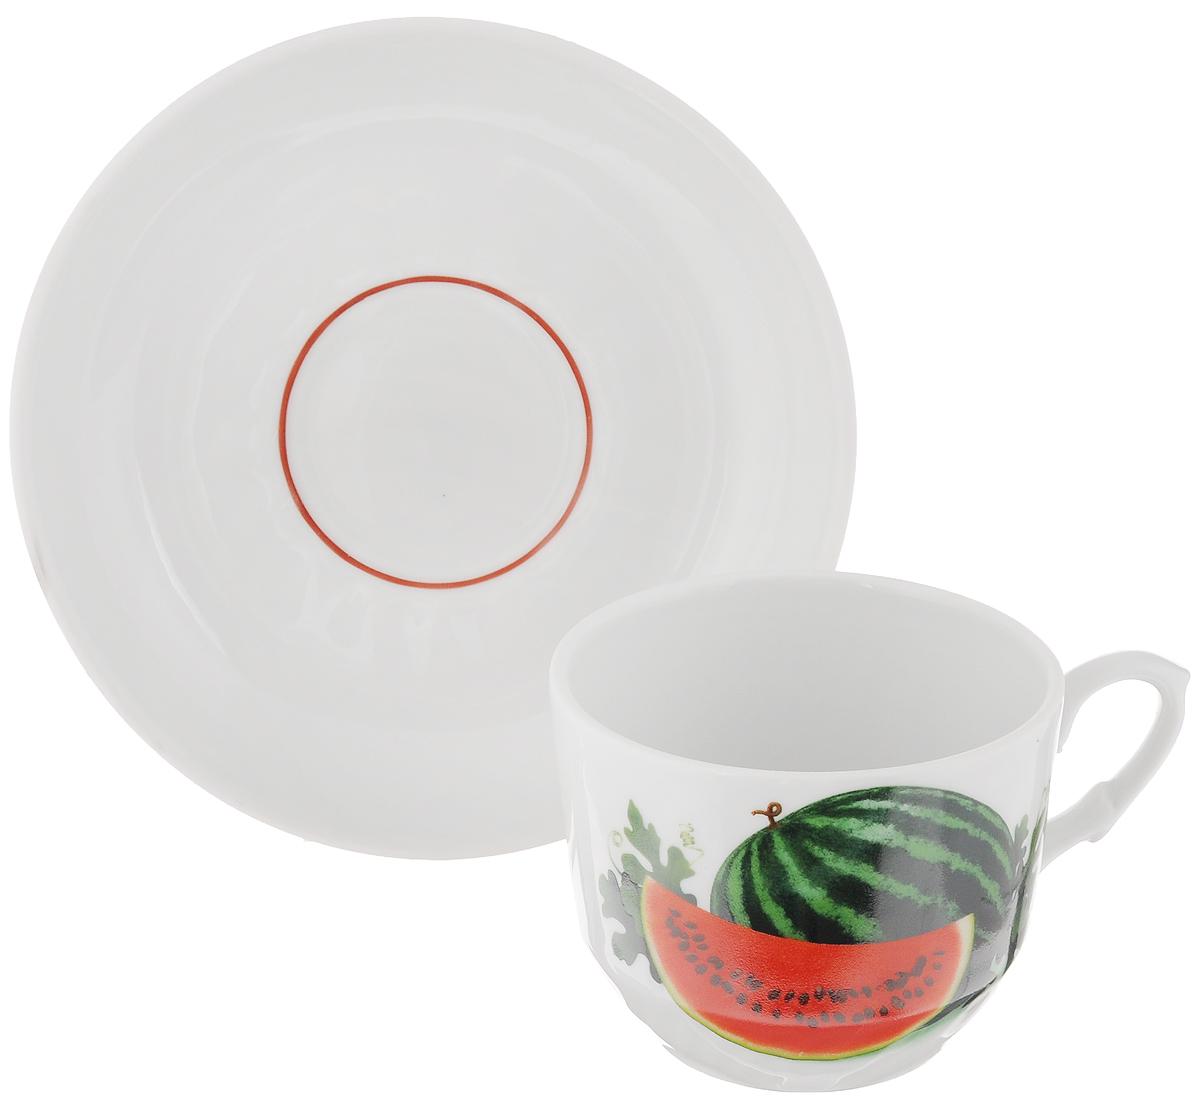 Чайная пара Кирмаш. Арбуз, 2 предмета1303800_арбузЧайная пара Кирмаш. Арбуз состоит из чашки и блюдца, изготовленных из высококачественного фарфора. Оригинальный дизайн, несомненно, придется вам по вкусу.Чайная пара Кирмаш. Арбуз украсит ваш кухонный стол, а также станет замечательным подарком к любому празднику.Диаметр чашки (по верхнему краю): 8,5 см.Высота чашки: 7 см.Диаметр блюдца: 15 см.Высота блюдца: 3 см.